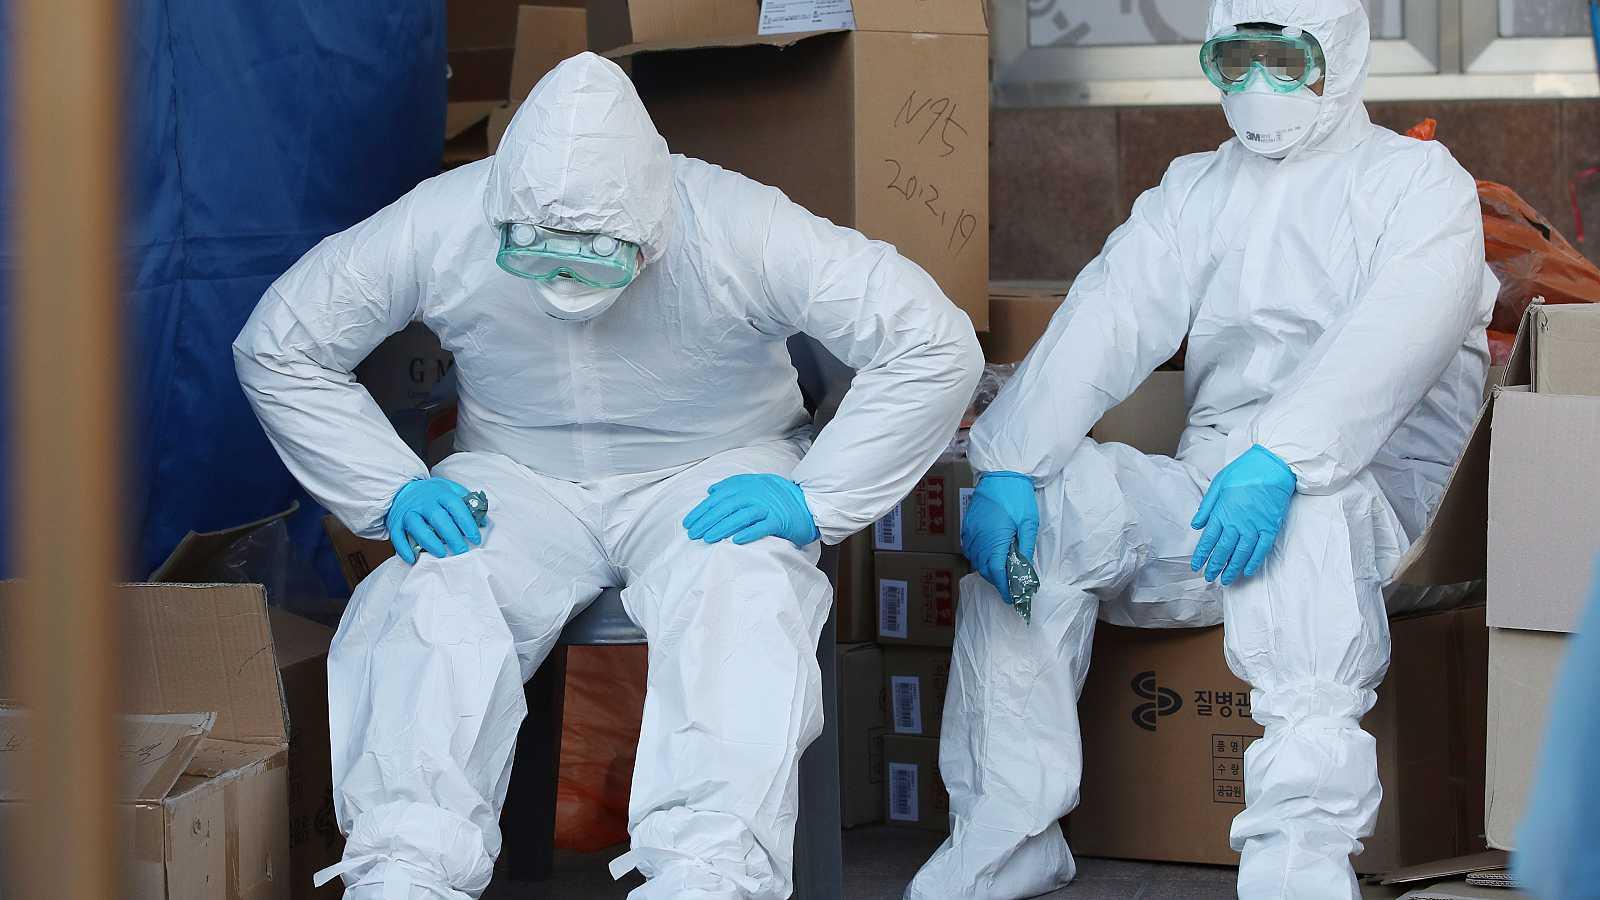 Dos trabajadores sanitarios surcoreanos descansan después de realizar decenas de pruebas para el coronavirus.